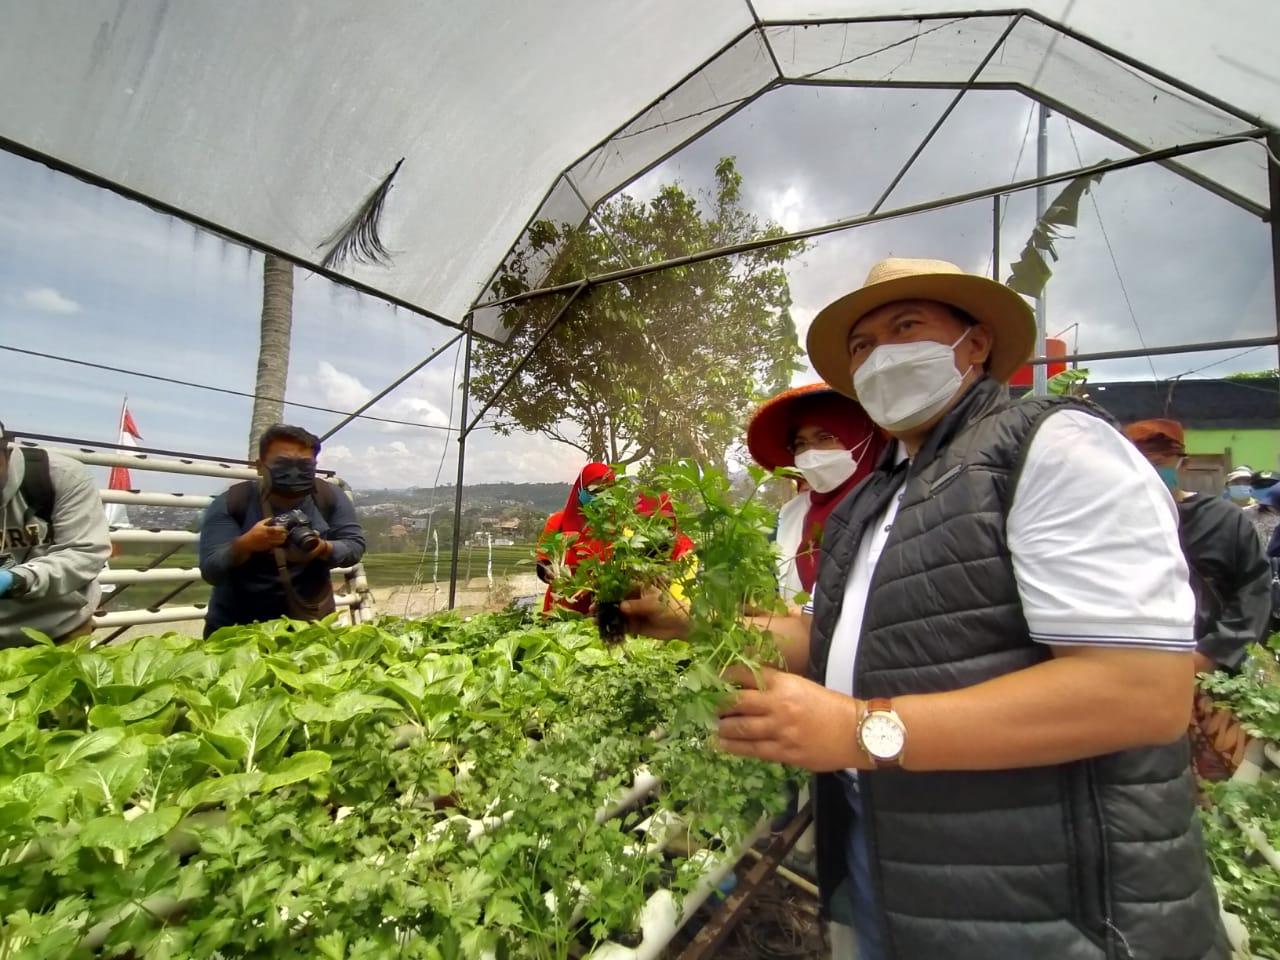 Program Buruan Sae dengan menanam sayuran di lahan tidur untuk meningkatkan kebutuhan keluarga